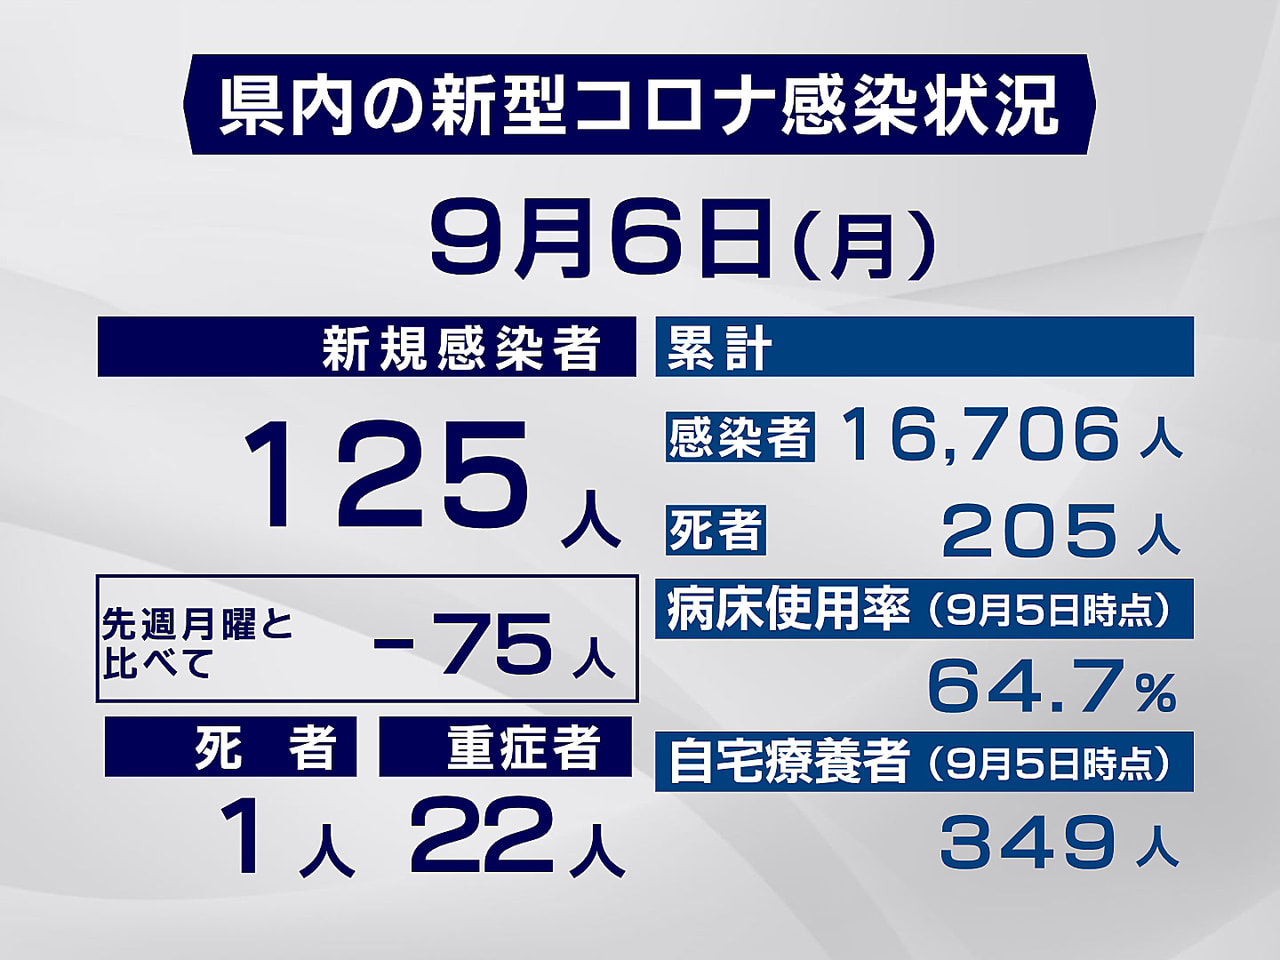 岐阜県と岐阜市は6日、新型コロナウイルスの感染者が新たに125人確認され、1人が...